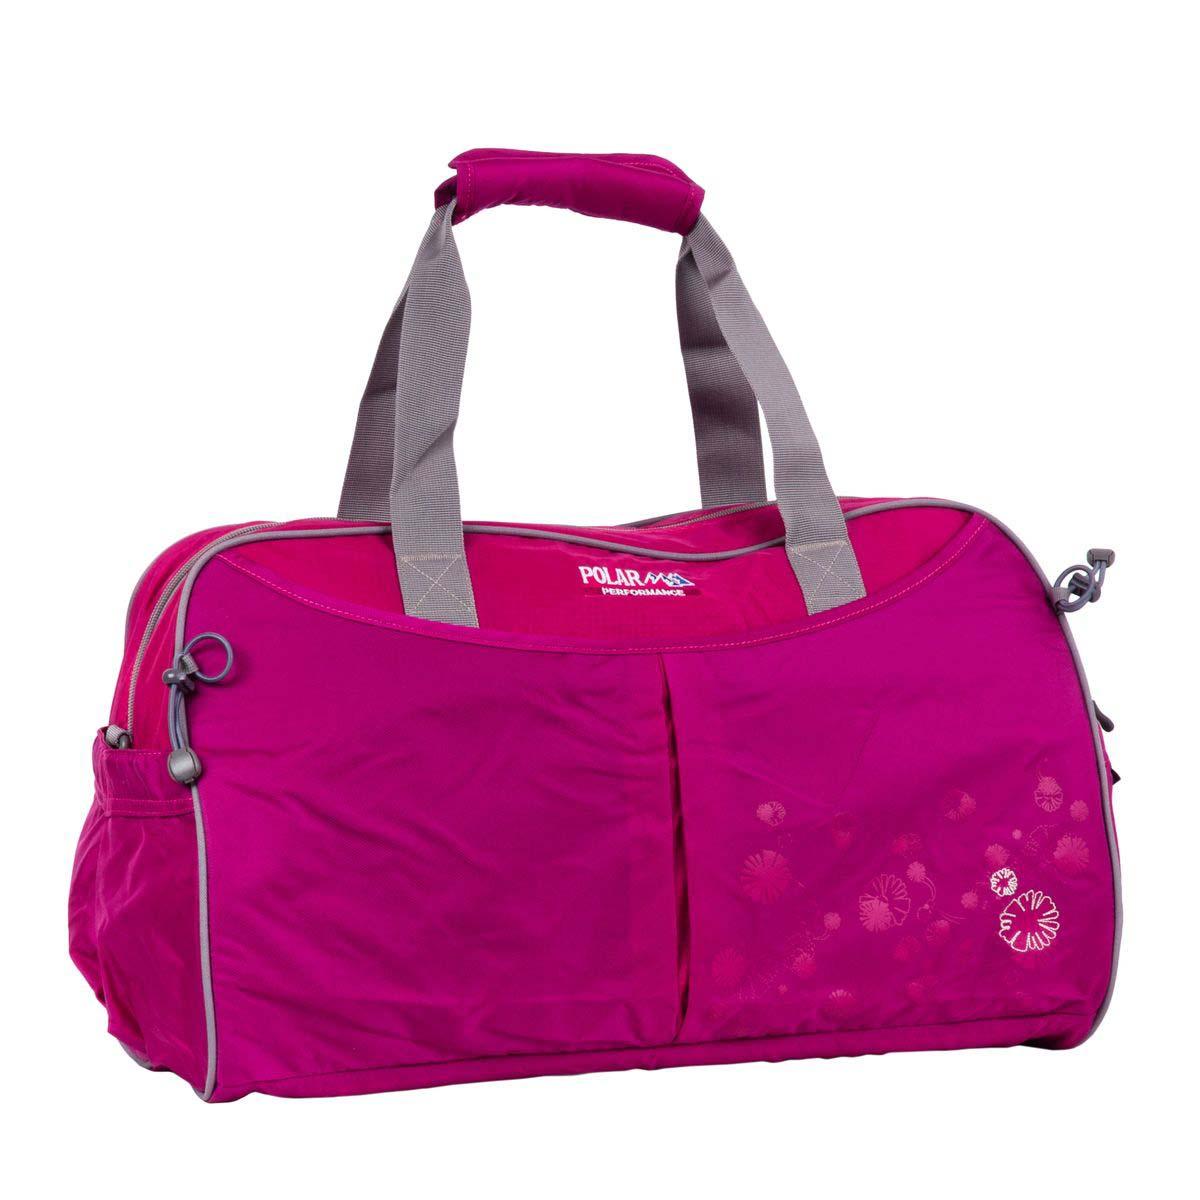 Сумка спортивная Polar, цвет: розовый, 36 л. П2053-29 d.pink1125040Спортивная сумка Polar выполнена из нейлона. Сумка имеет одно большое отделение, внутри которого расположен карман на молнии, открытый кармашек на липучке, держатель для бутылочки с водой. Снаружи - карман на молнии спереди сумки. Изделие оснащено двумя удобными текстильными ручками и съемным плечевым ремнем.